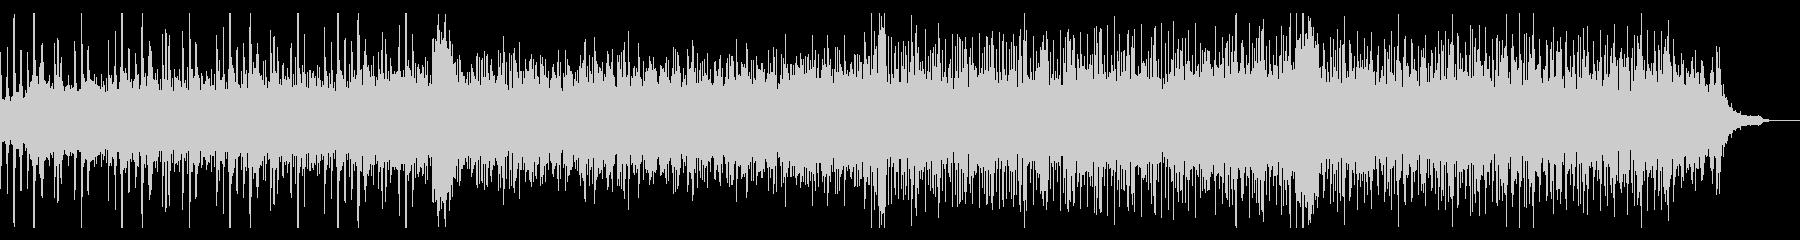 ダークなアンビエントIDMの未再生の波形